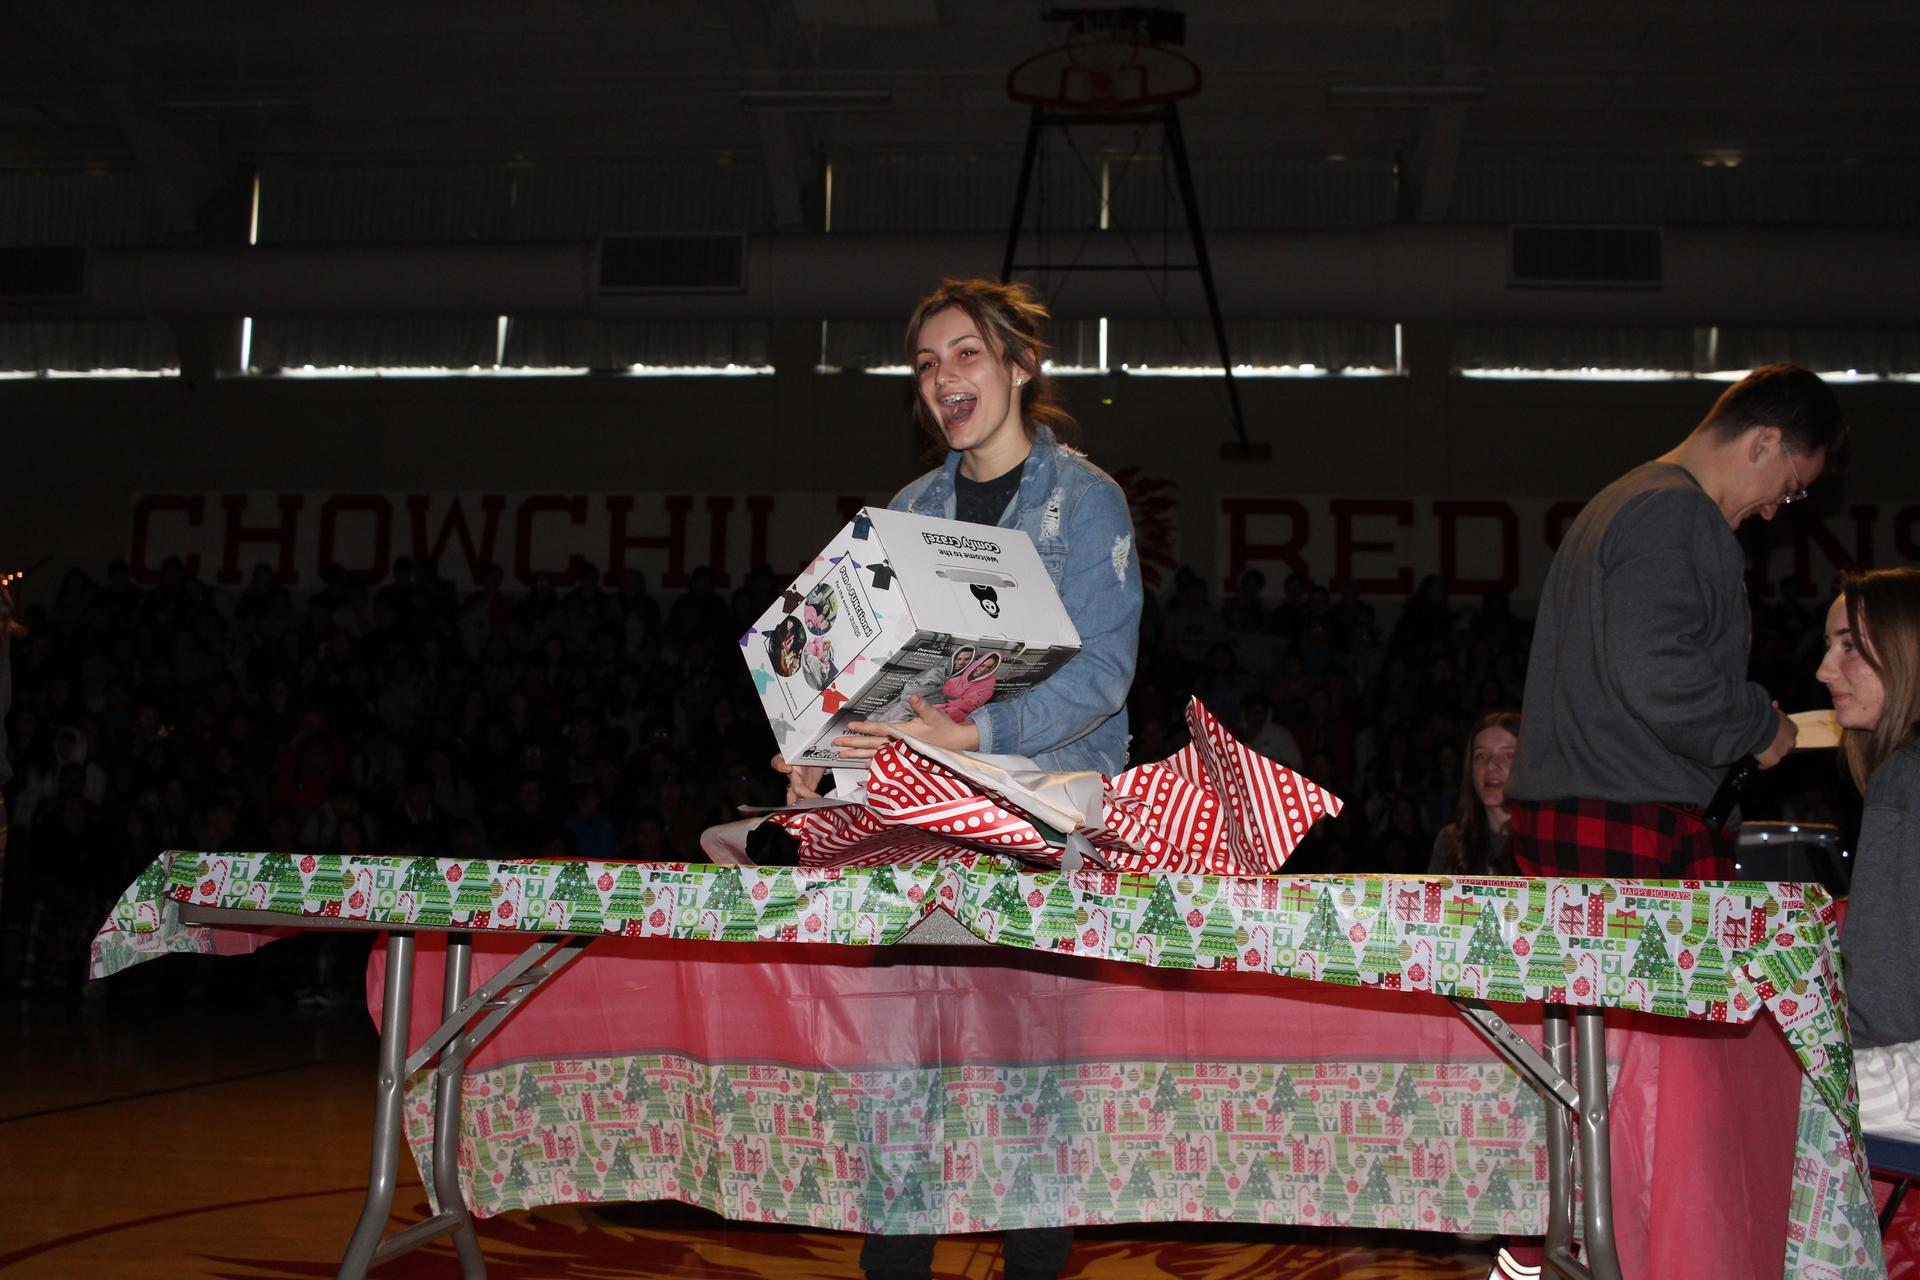 Kirsta Pitarre opening her gift